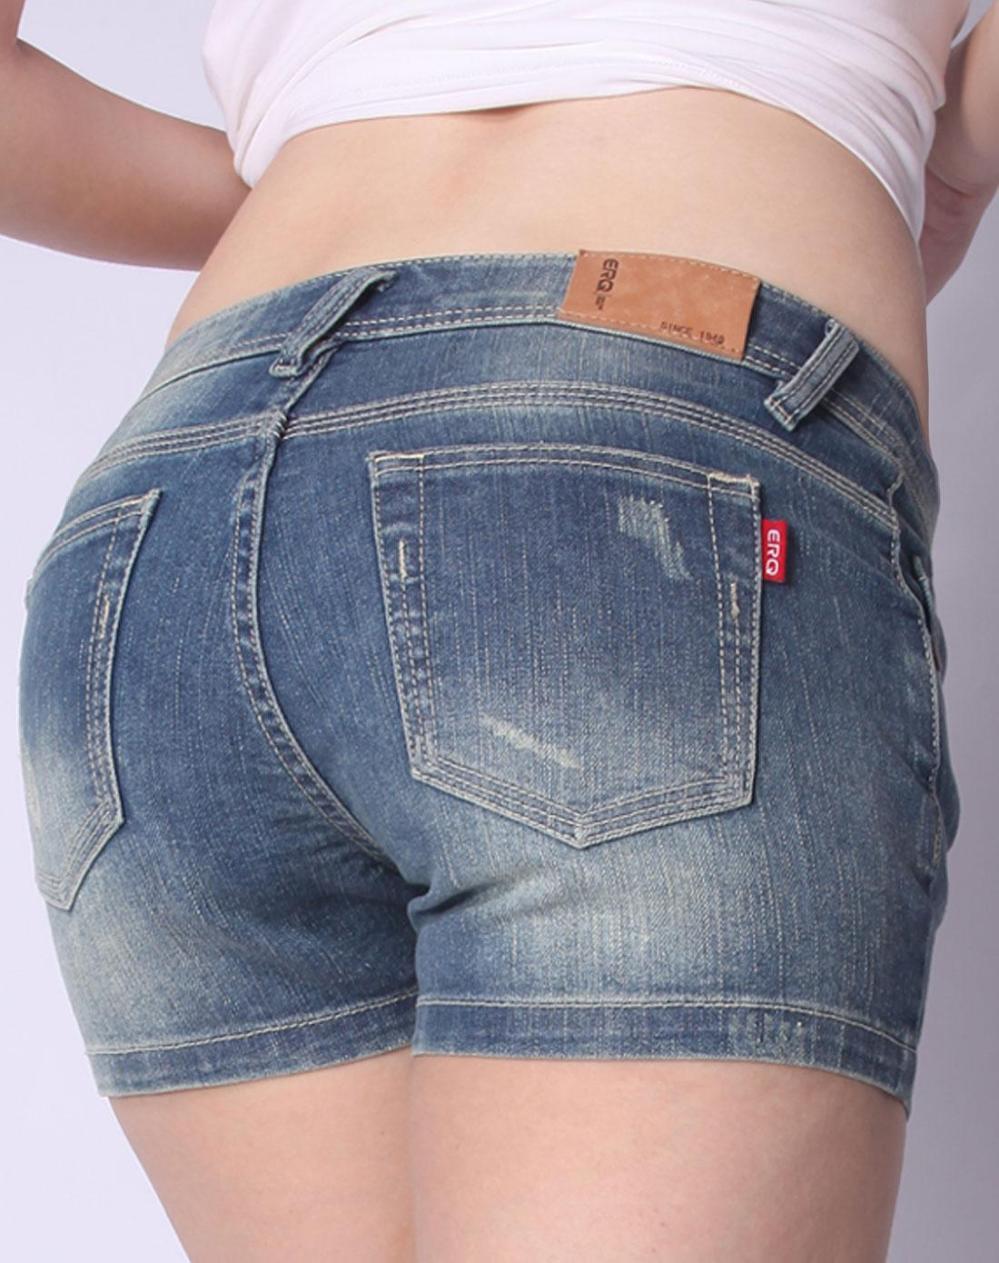 时尚短裤怎么搭配, 才能吸引他的目光 2